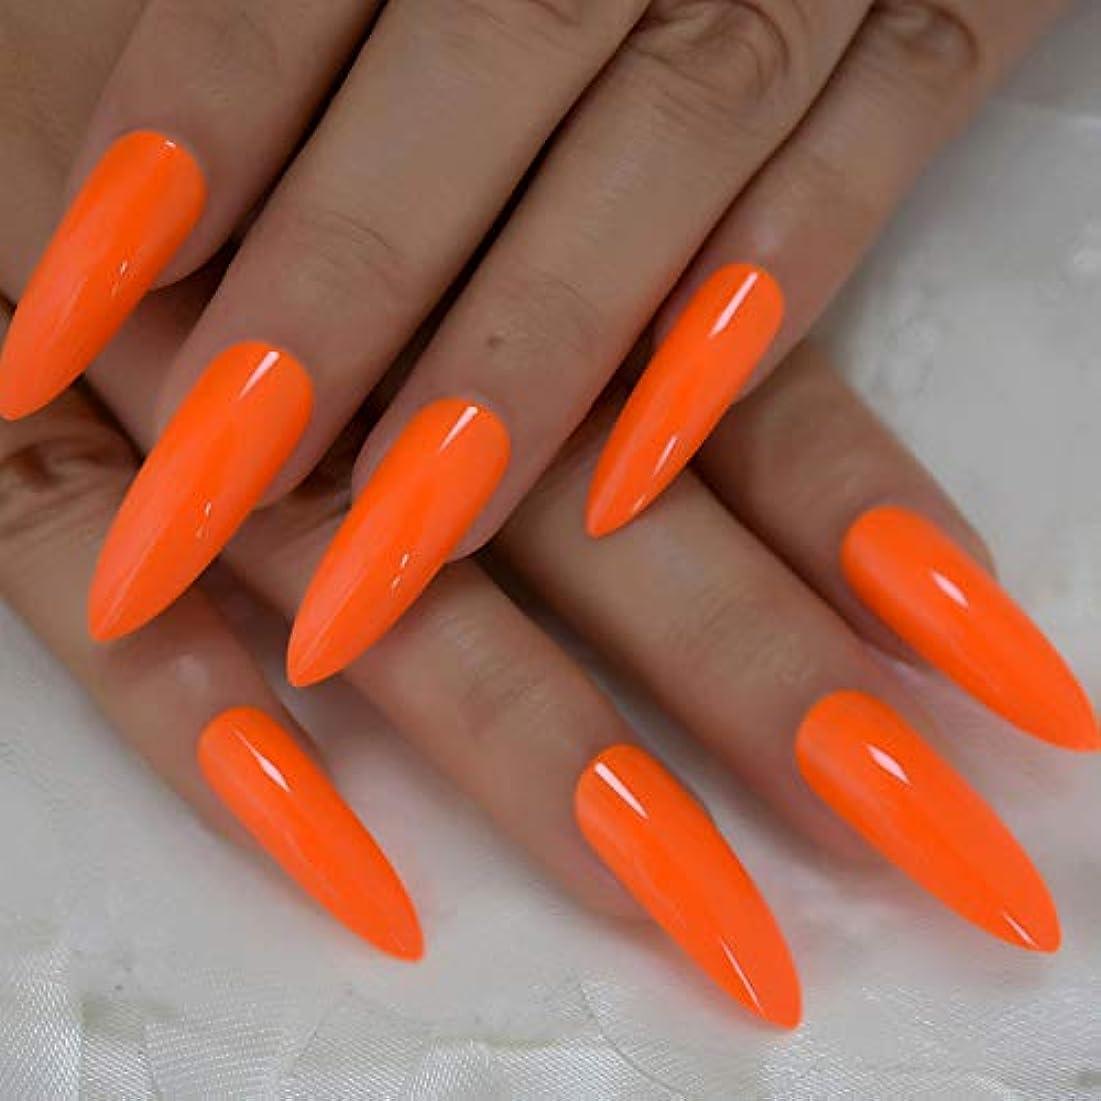 感心するそれにもかかわらず性別XUTXZKA 偽の爪爪のデコレーションマニキュアのヒントの非常に長いオレンジ色の光沢のあるプレス爪24